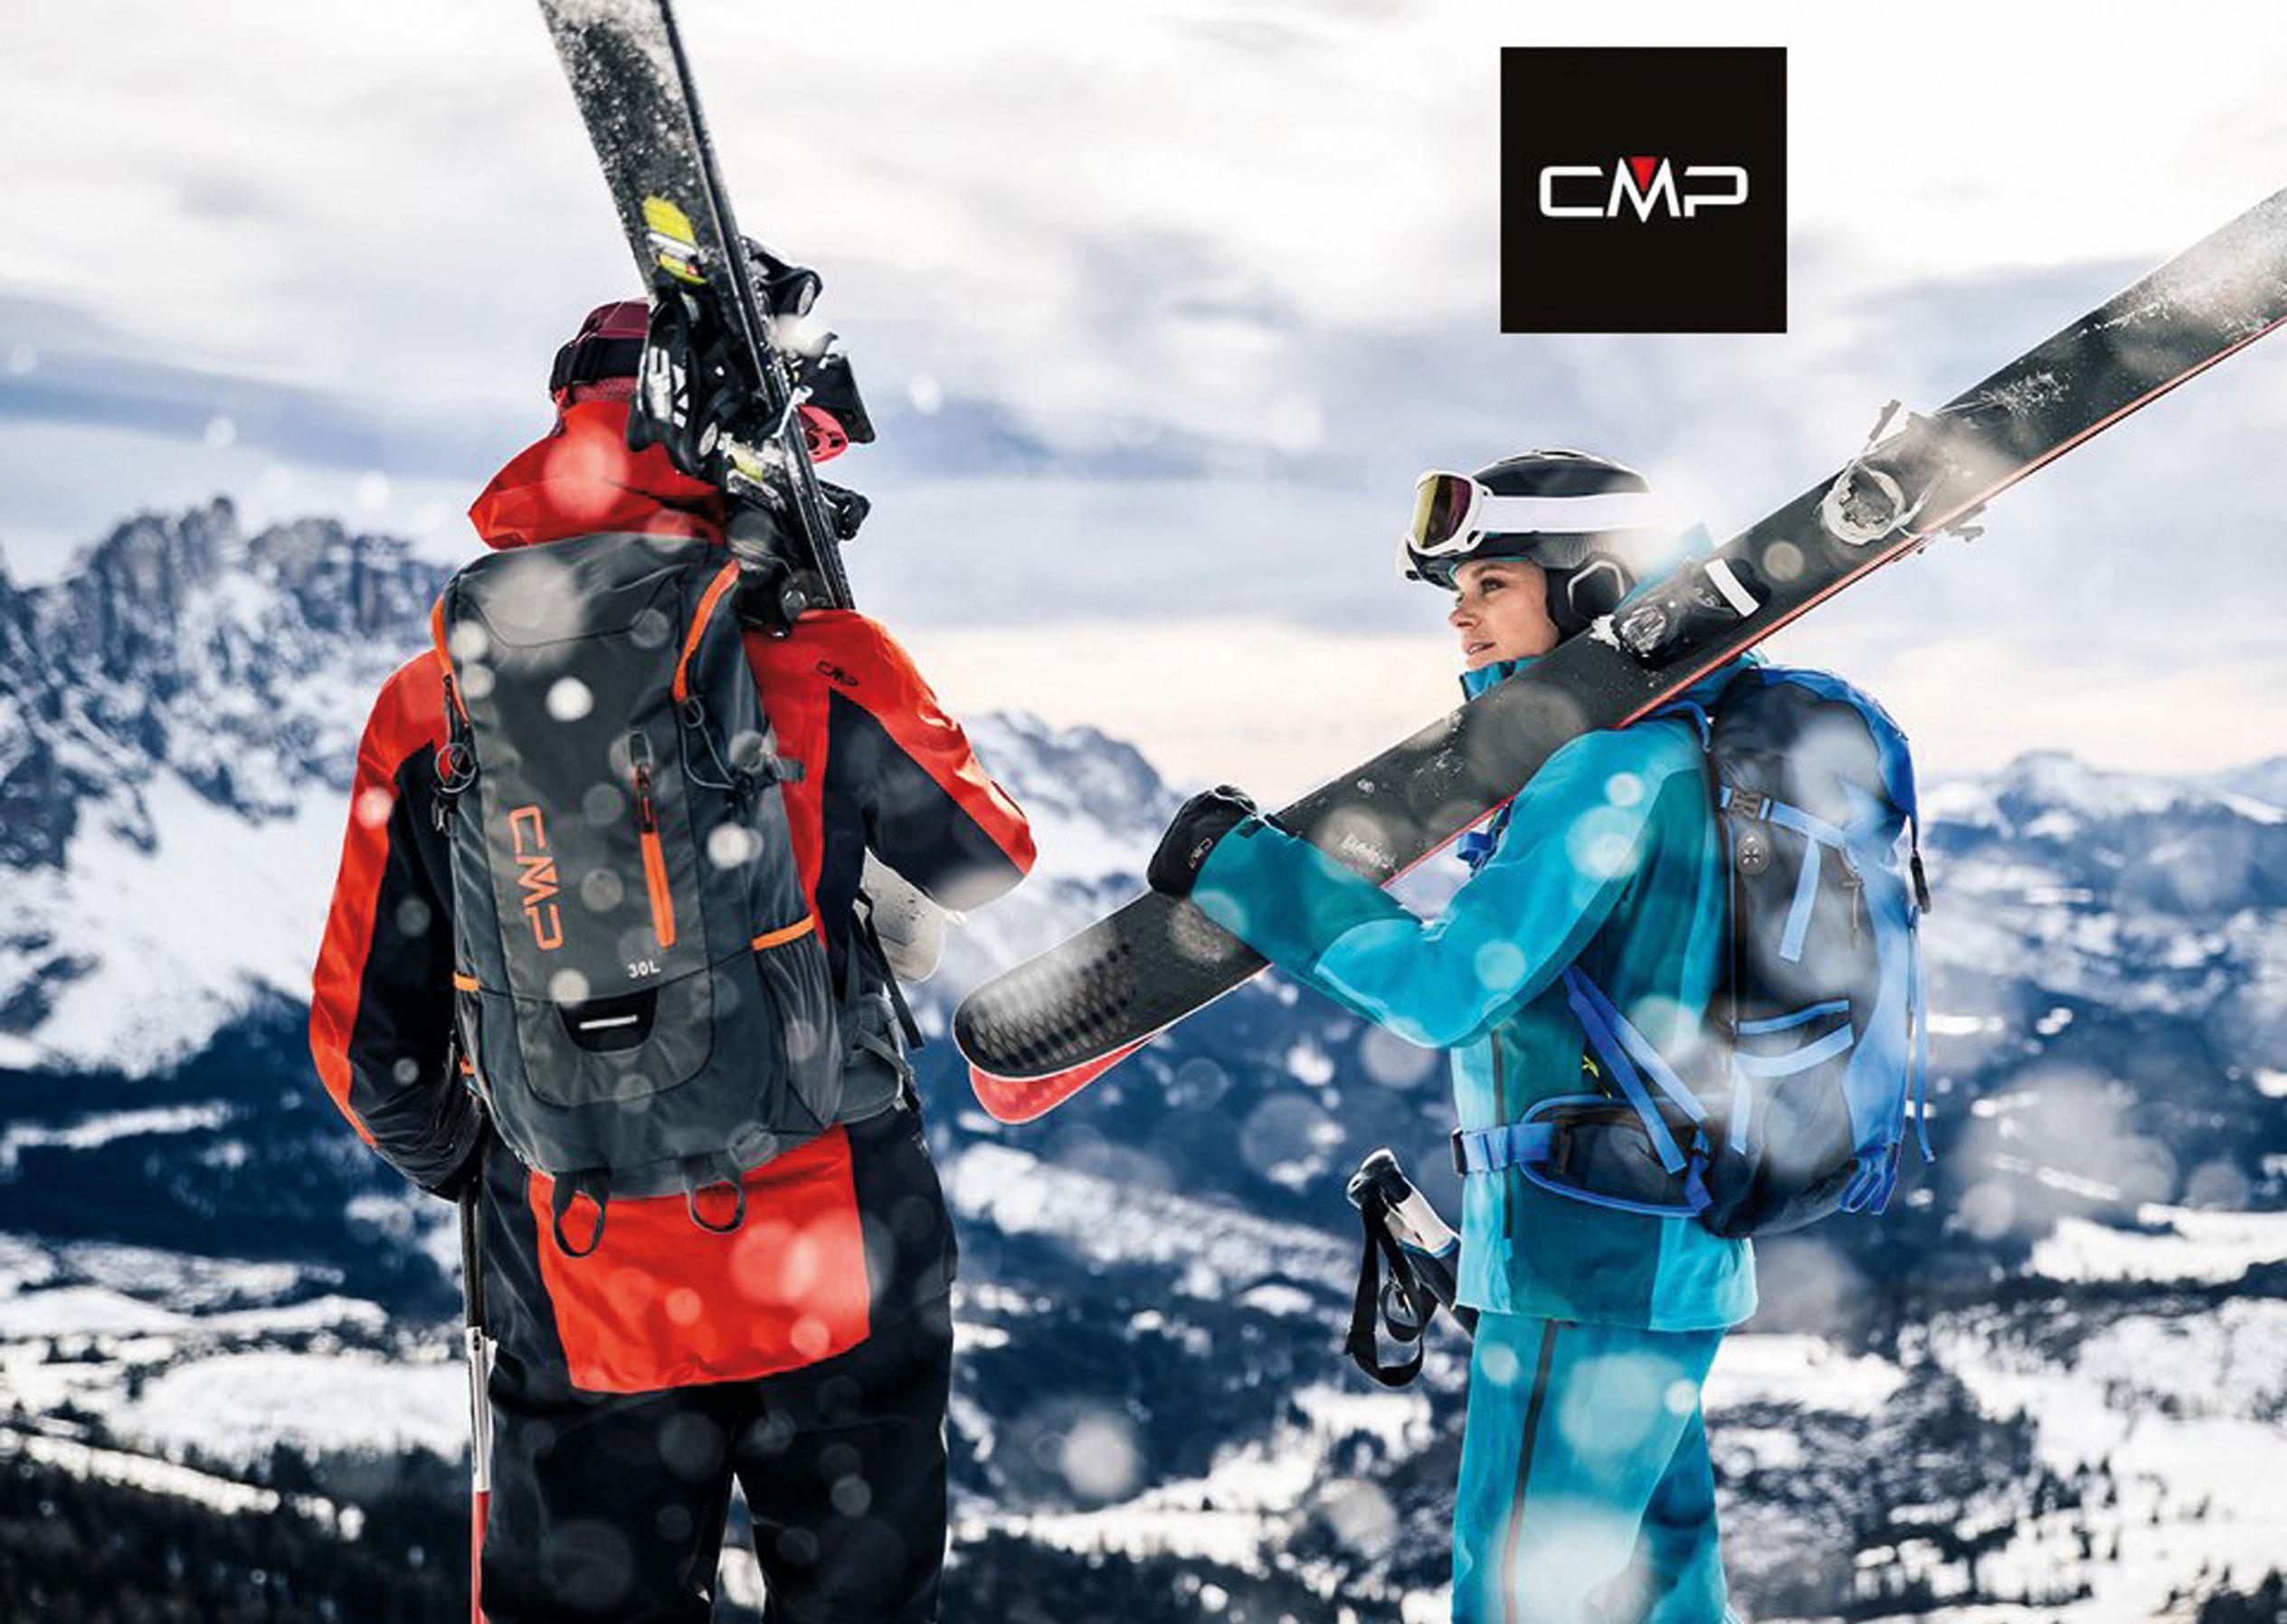 CMP Skibroeken zijn de broeken bij uitstek die aan de hoogste eisen moeten voldoen. Zo moeten ze uiteraard wind- en waterdicht zijn, veel bewegingsvrijheid bieden en zorgen voor een goede warmteregulatie tijdens inspannende activiteiten.